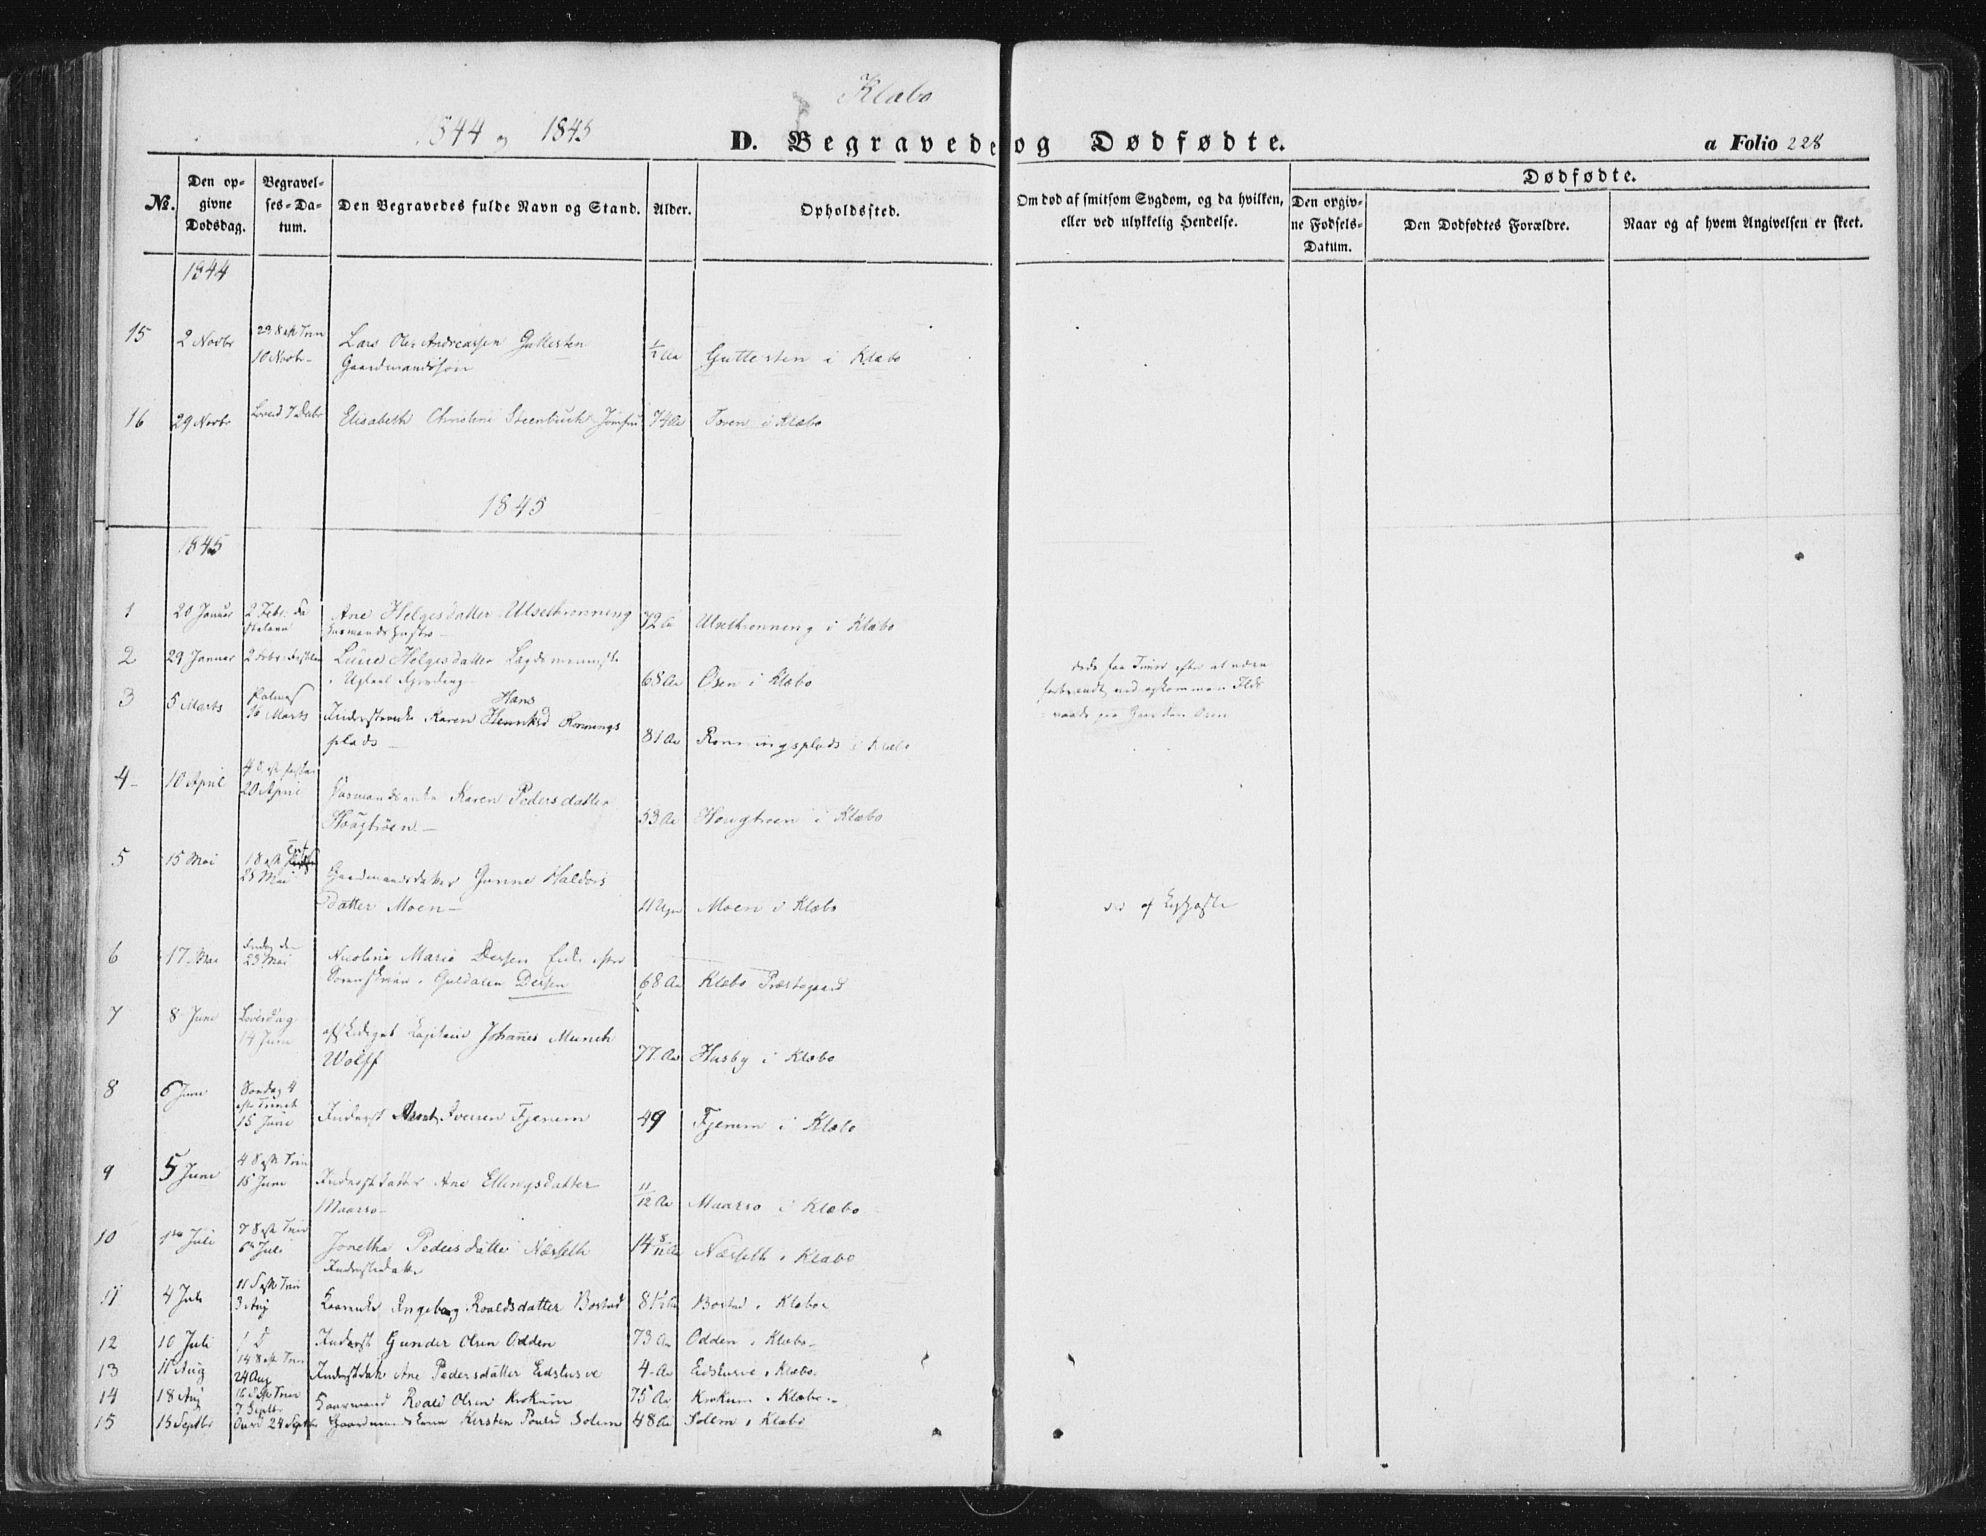 SAT, Ministerialprotokoller, klokkerbøker og fødselsregistre - Sør-Trøndelag, 618/L0441: Ministerialbok nr. 618A05, 1843-1862, s. 228